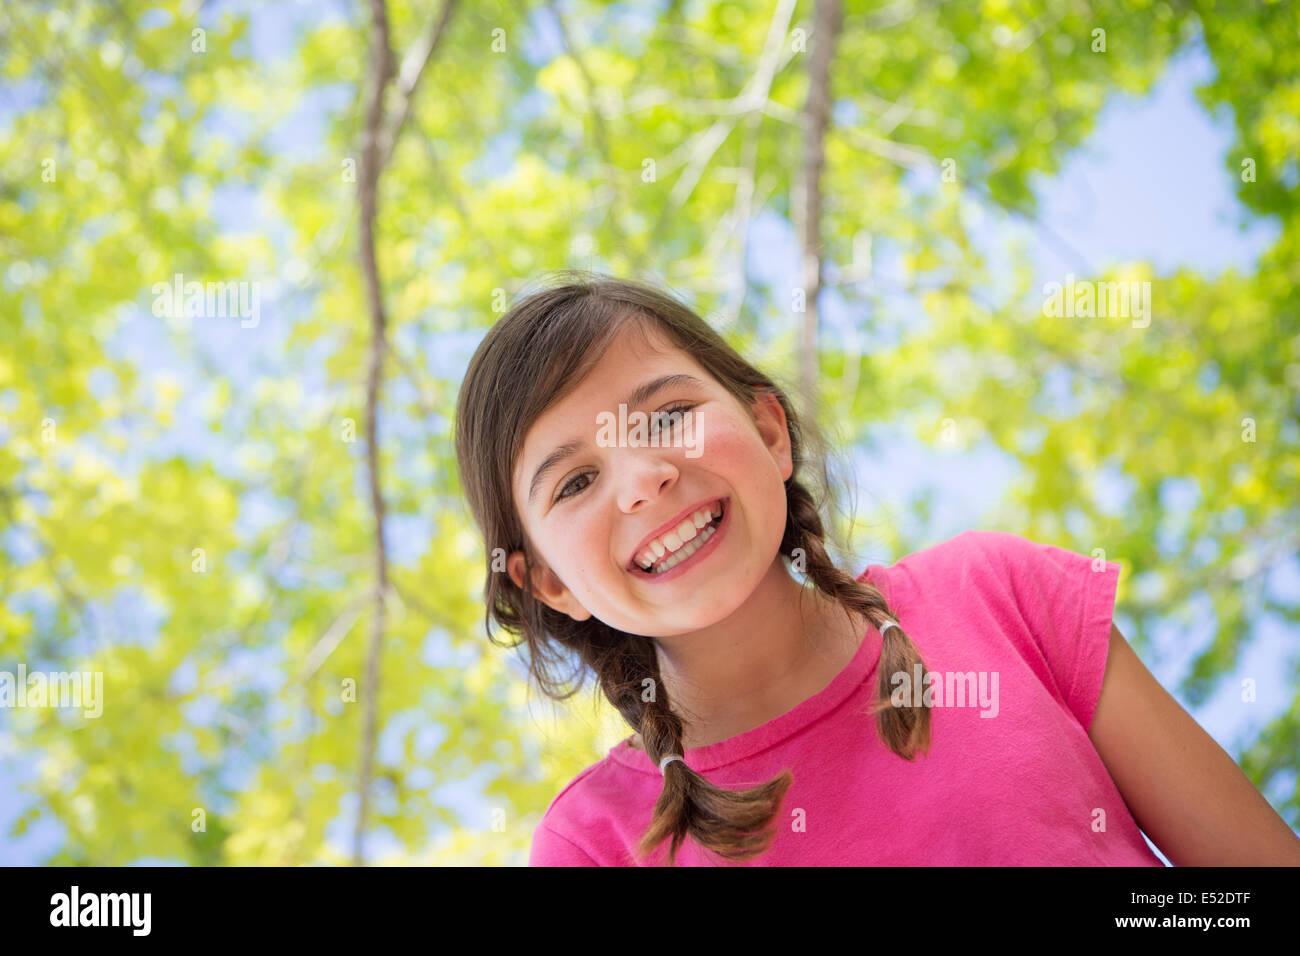 Une jeune fille aux tresses, vêtu d'un haut rose sous un dais d'arbres. Photo Stock